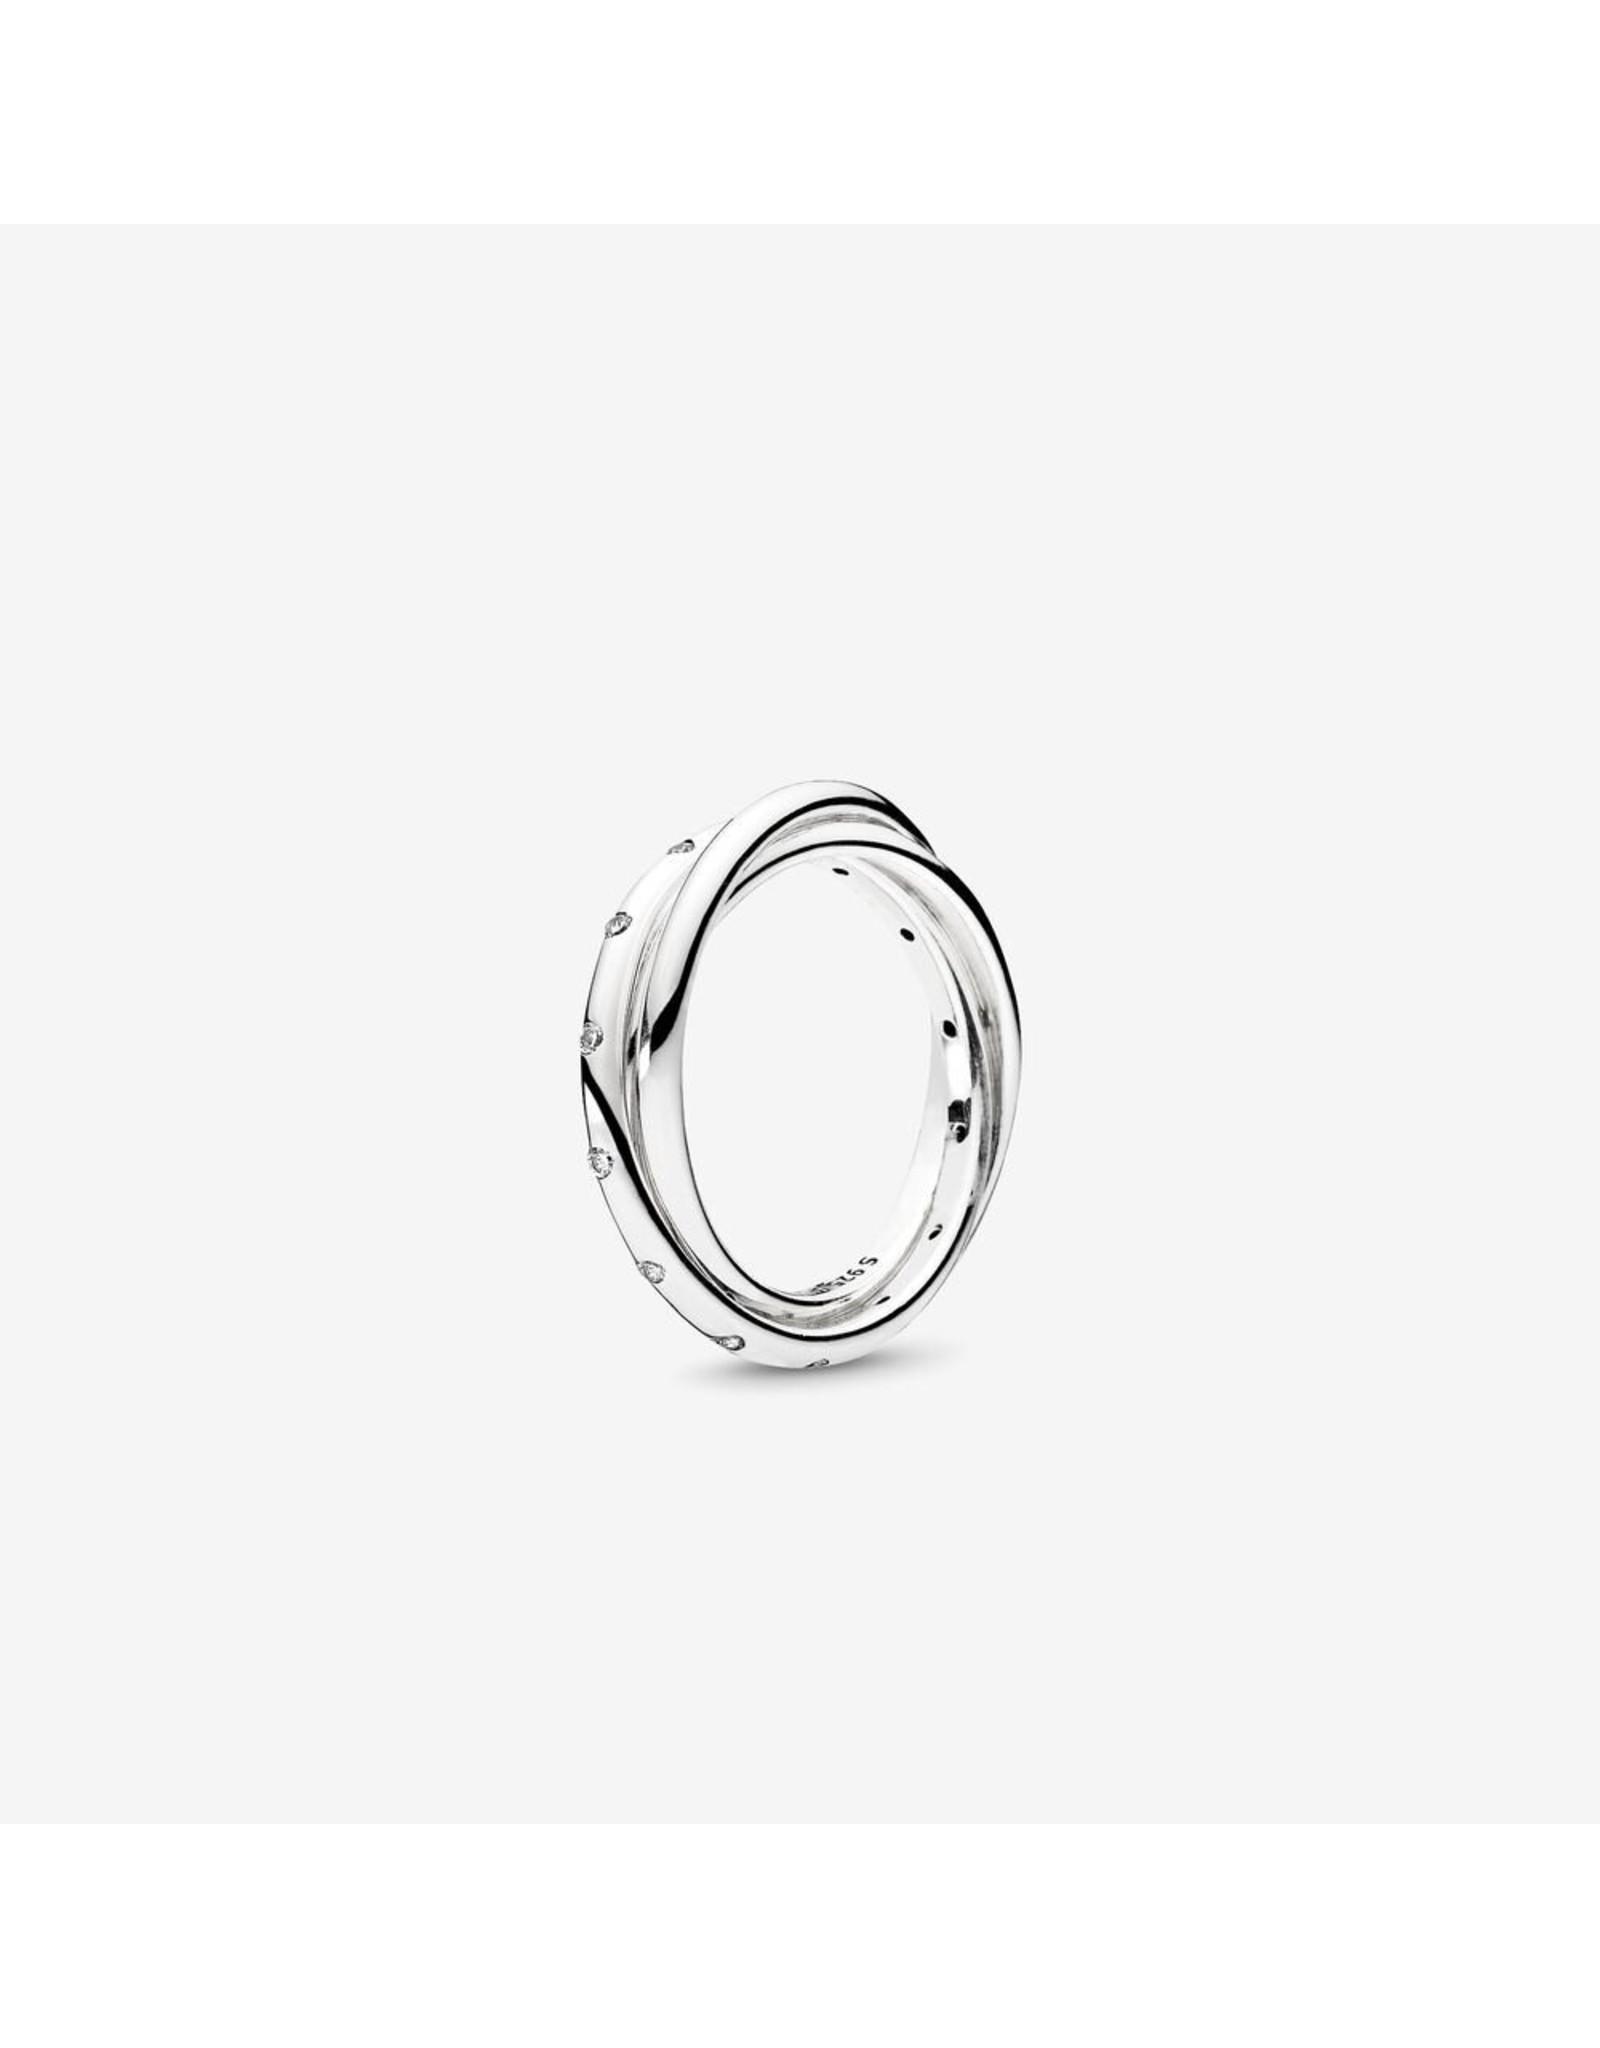 Pandora Pandora Ring, Swirling Symmetry